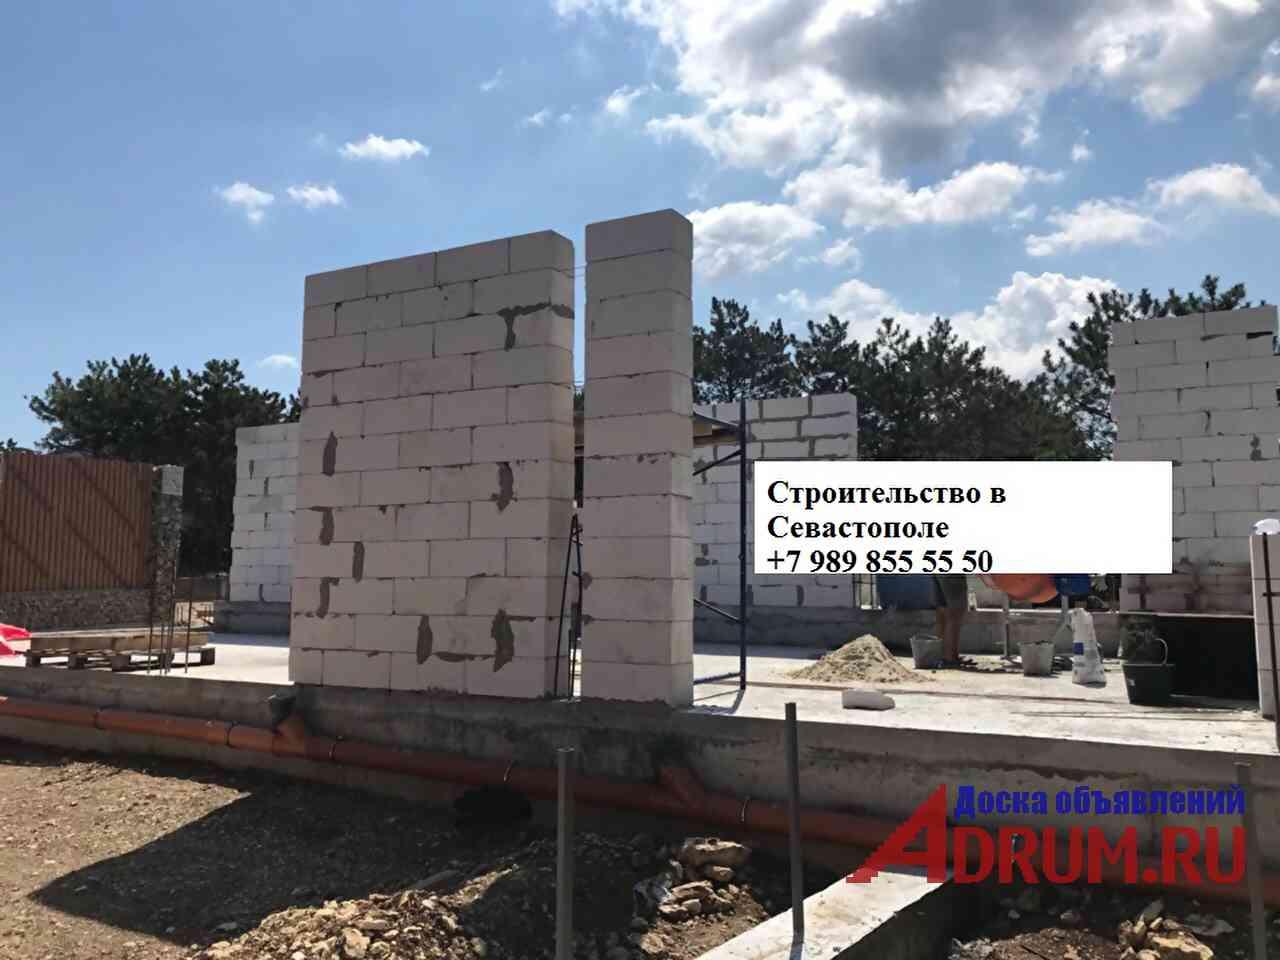 Кладка ракушки, камня француз, газобетона, кирпича, блоков в Севастополе в Севастополь, фотография 1, объявление в категории «Строительные услуги» на сайте adrum.ru